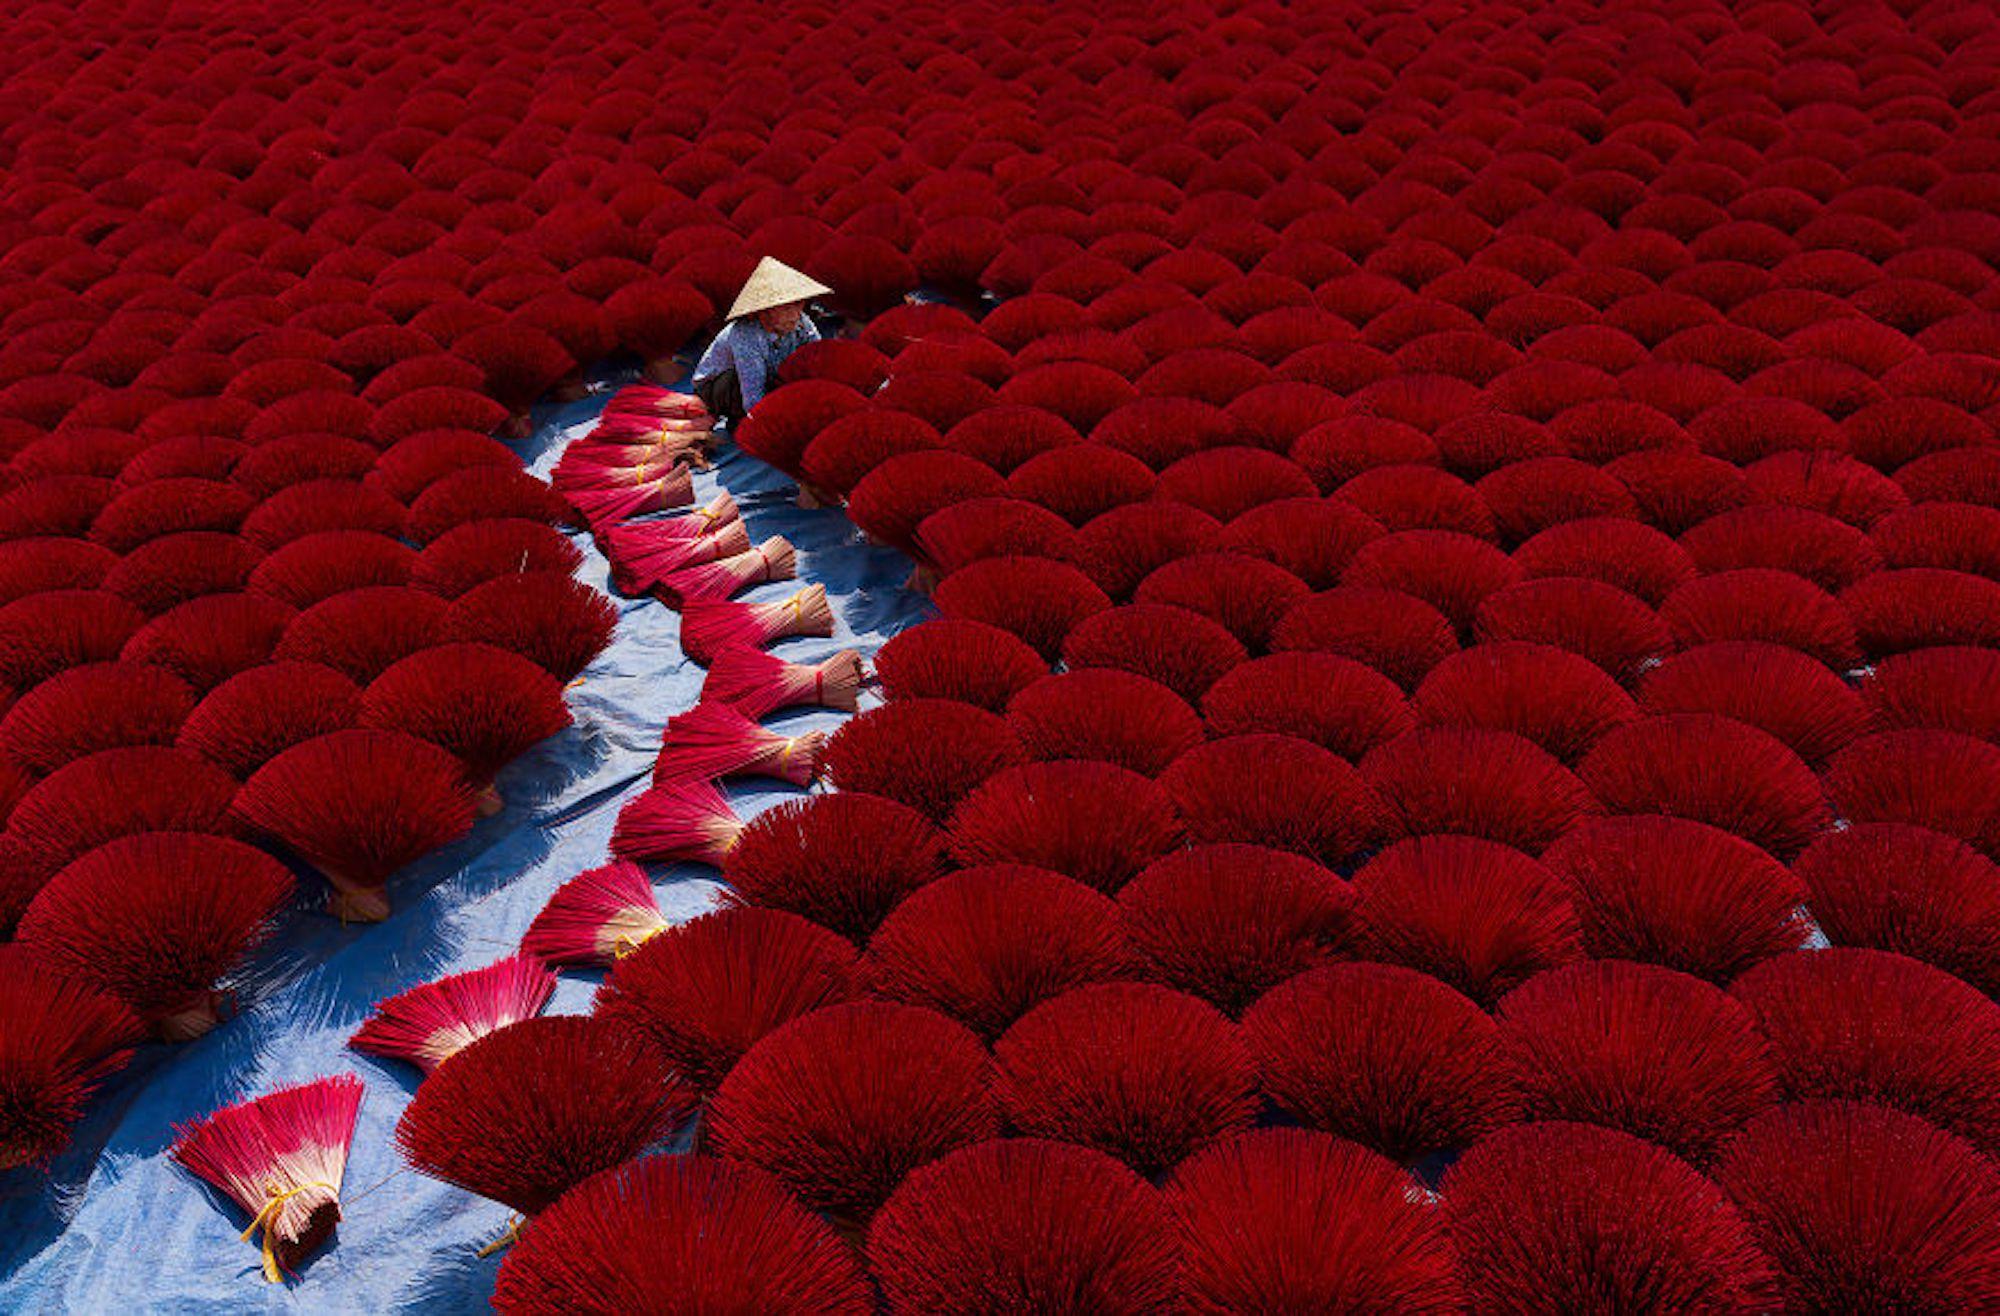 Plantação de incenso no Vietnã